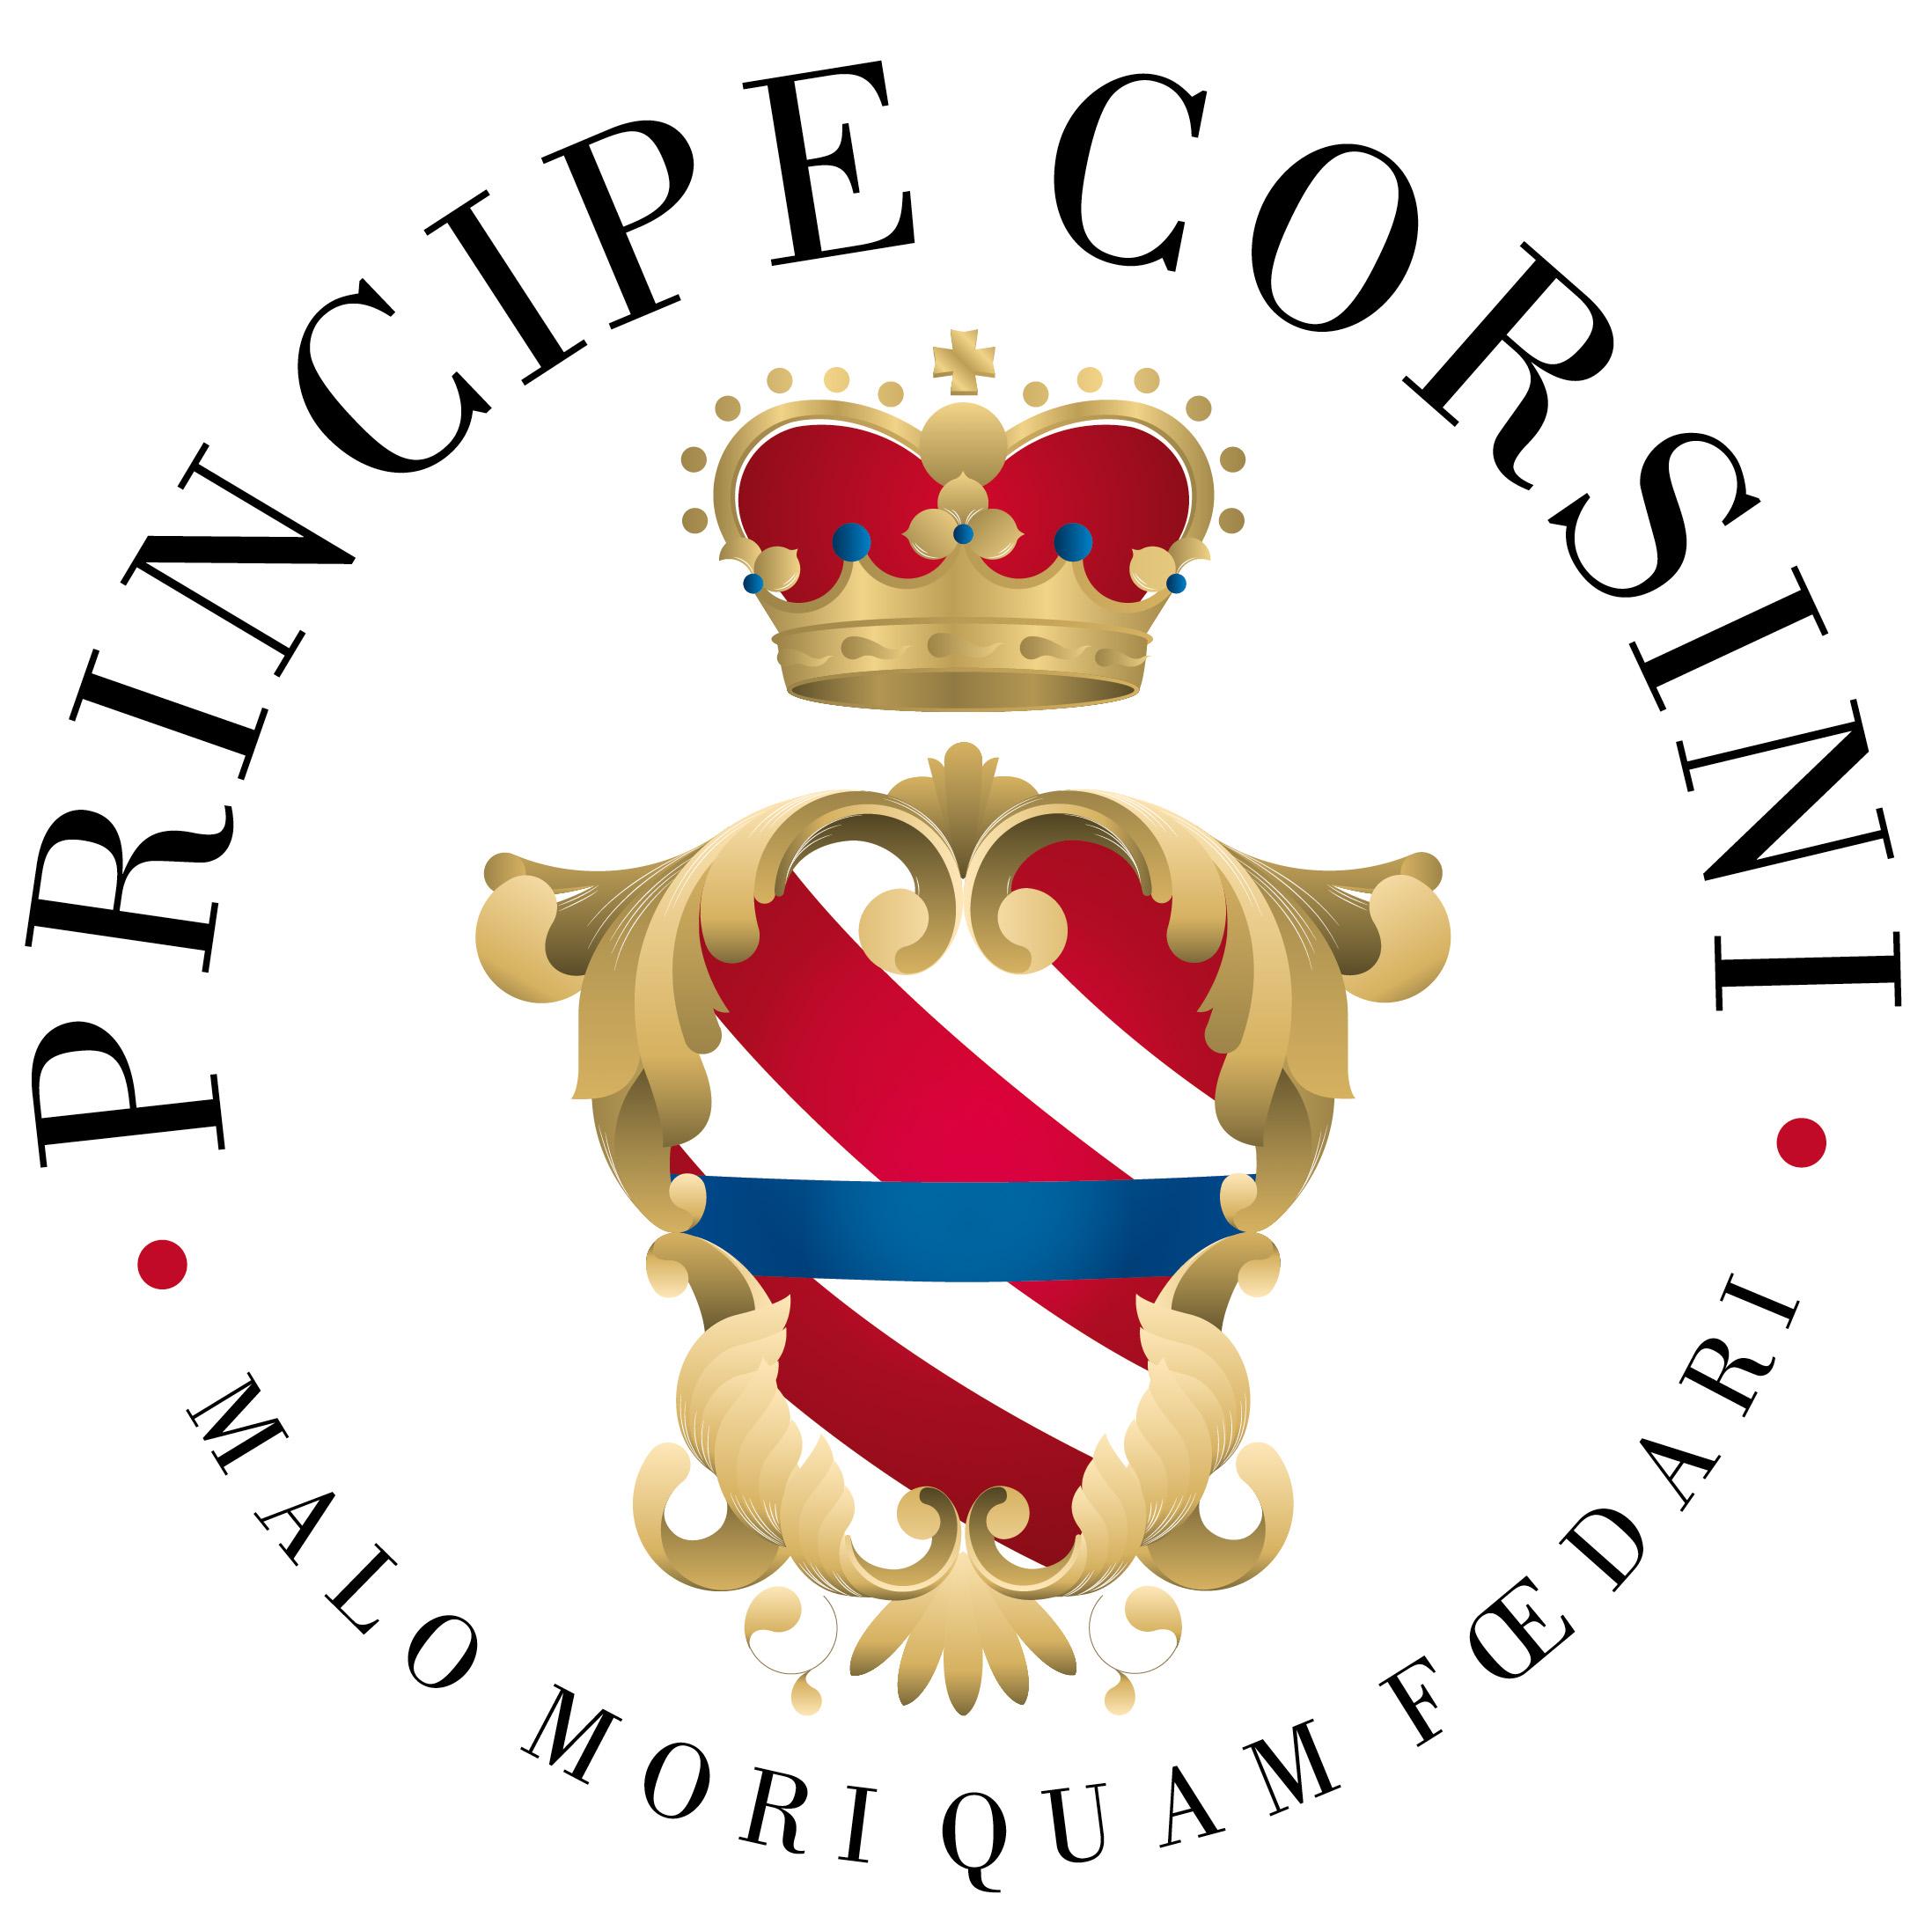 Logo Corsini_MMQF_sq.jpg